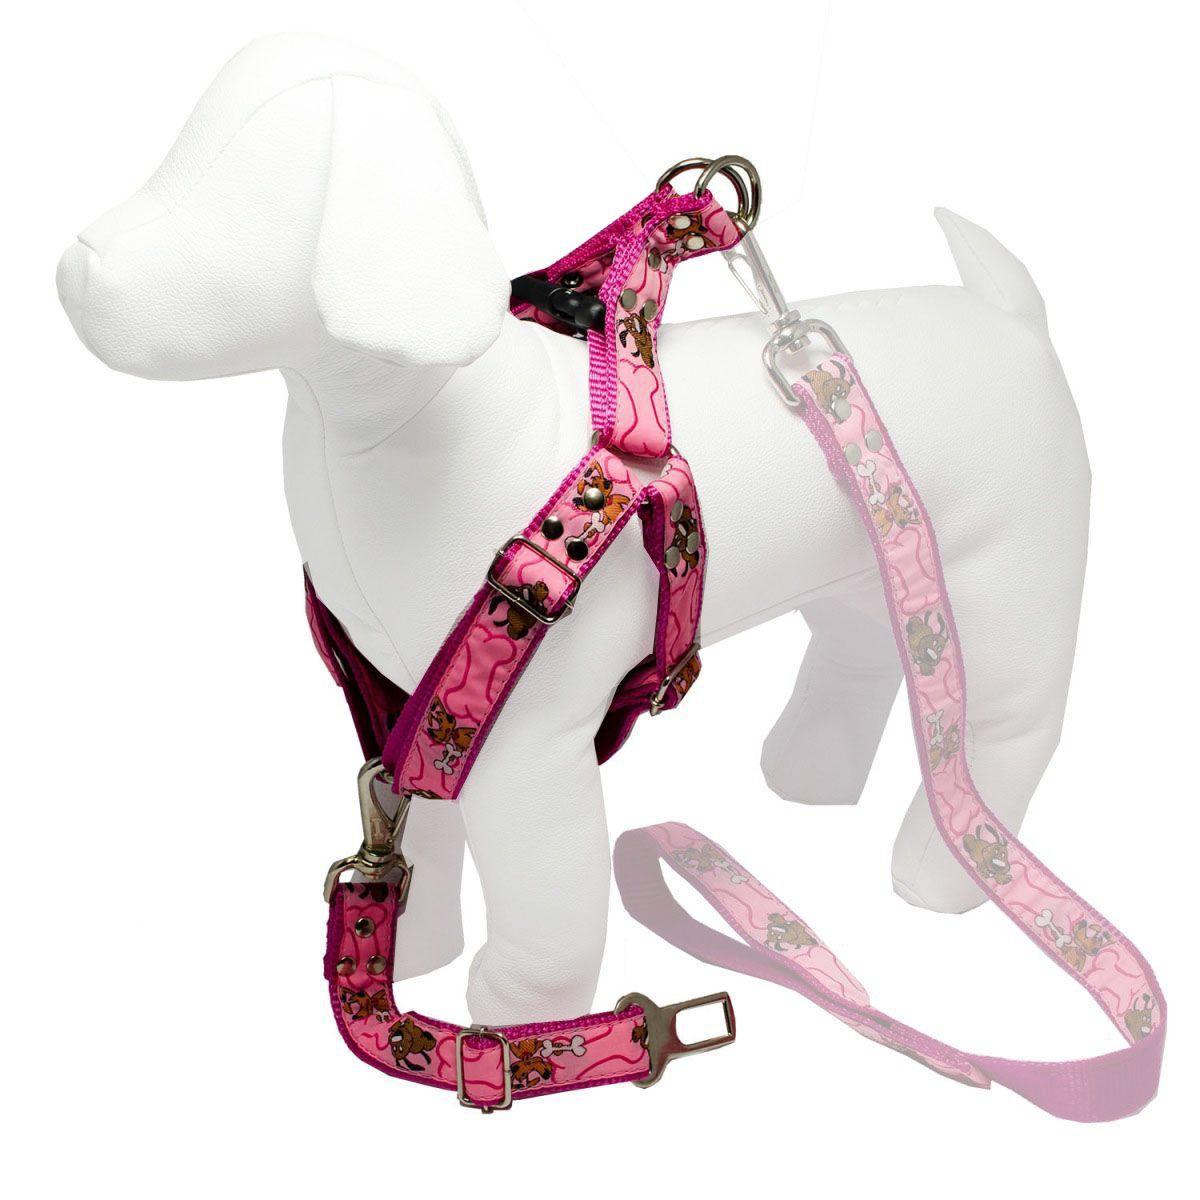 Coleira Peitoral Cachorro E Adaptador Cinto Segurança Tamanho P - Cor Rosa